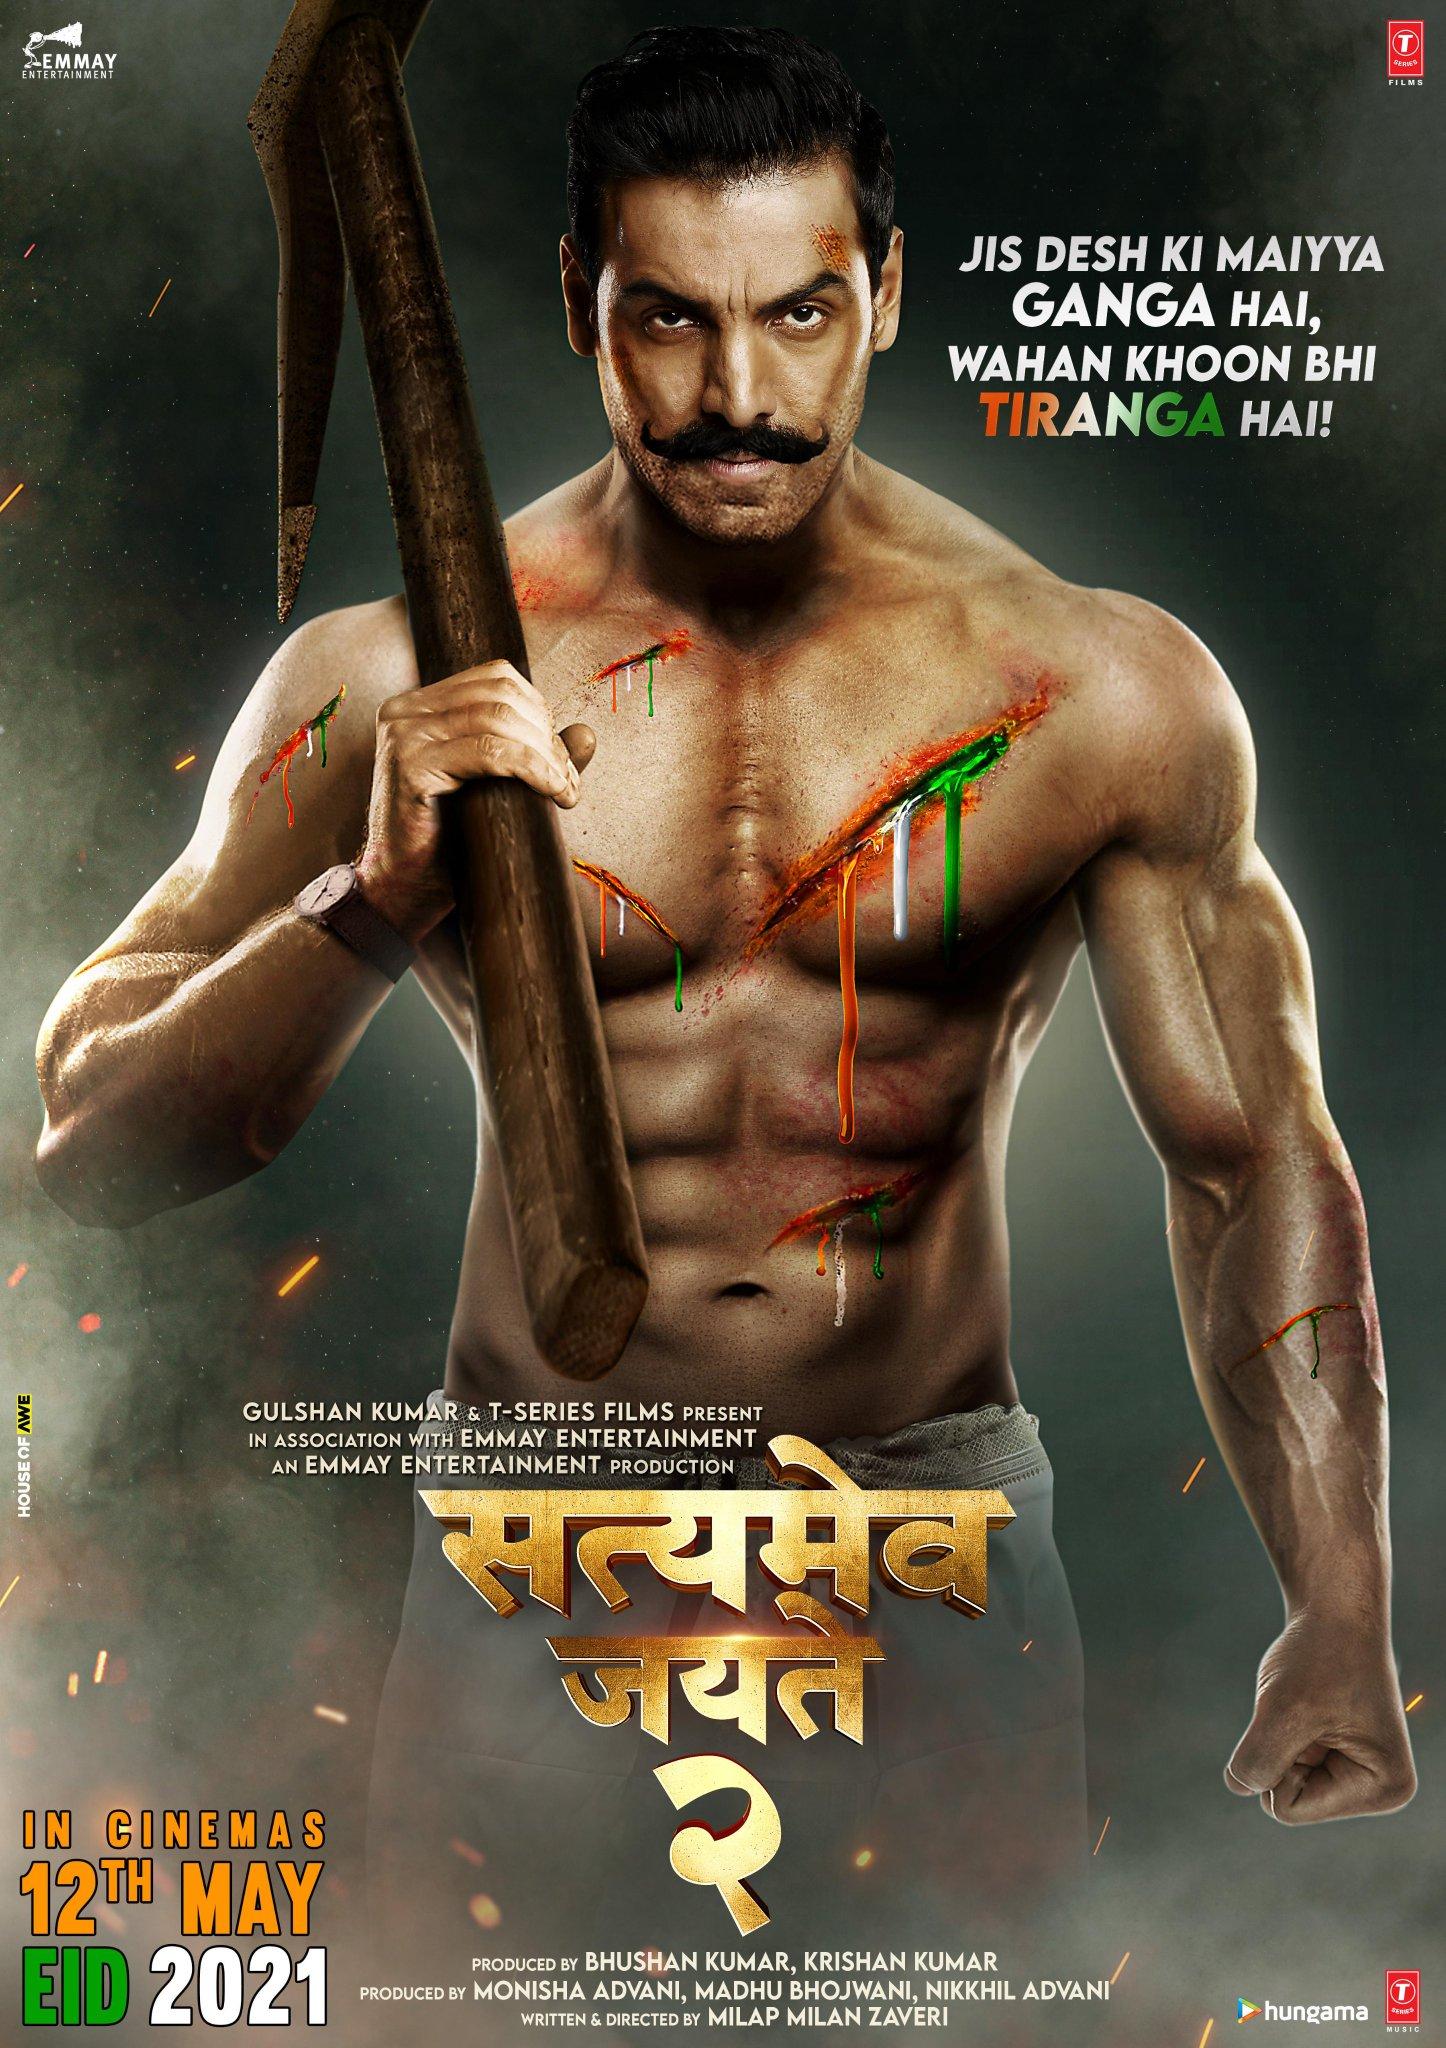 """SantaBanta.com on Twitter: """"Jis desh ki maiyya Ganga hai, wahan khoon bhi Tiranga hai! #SatyamevaJayate2 in cinemas on 12th May, EID 2021. #SMJ2EID2021 @TheJohnAbraham @DivyaKhoslaKumar @MilapZaveri @monishaadvani @madhubhojwani @nikkhiladvani ..."""